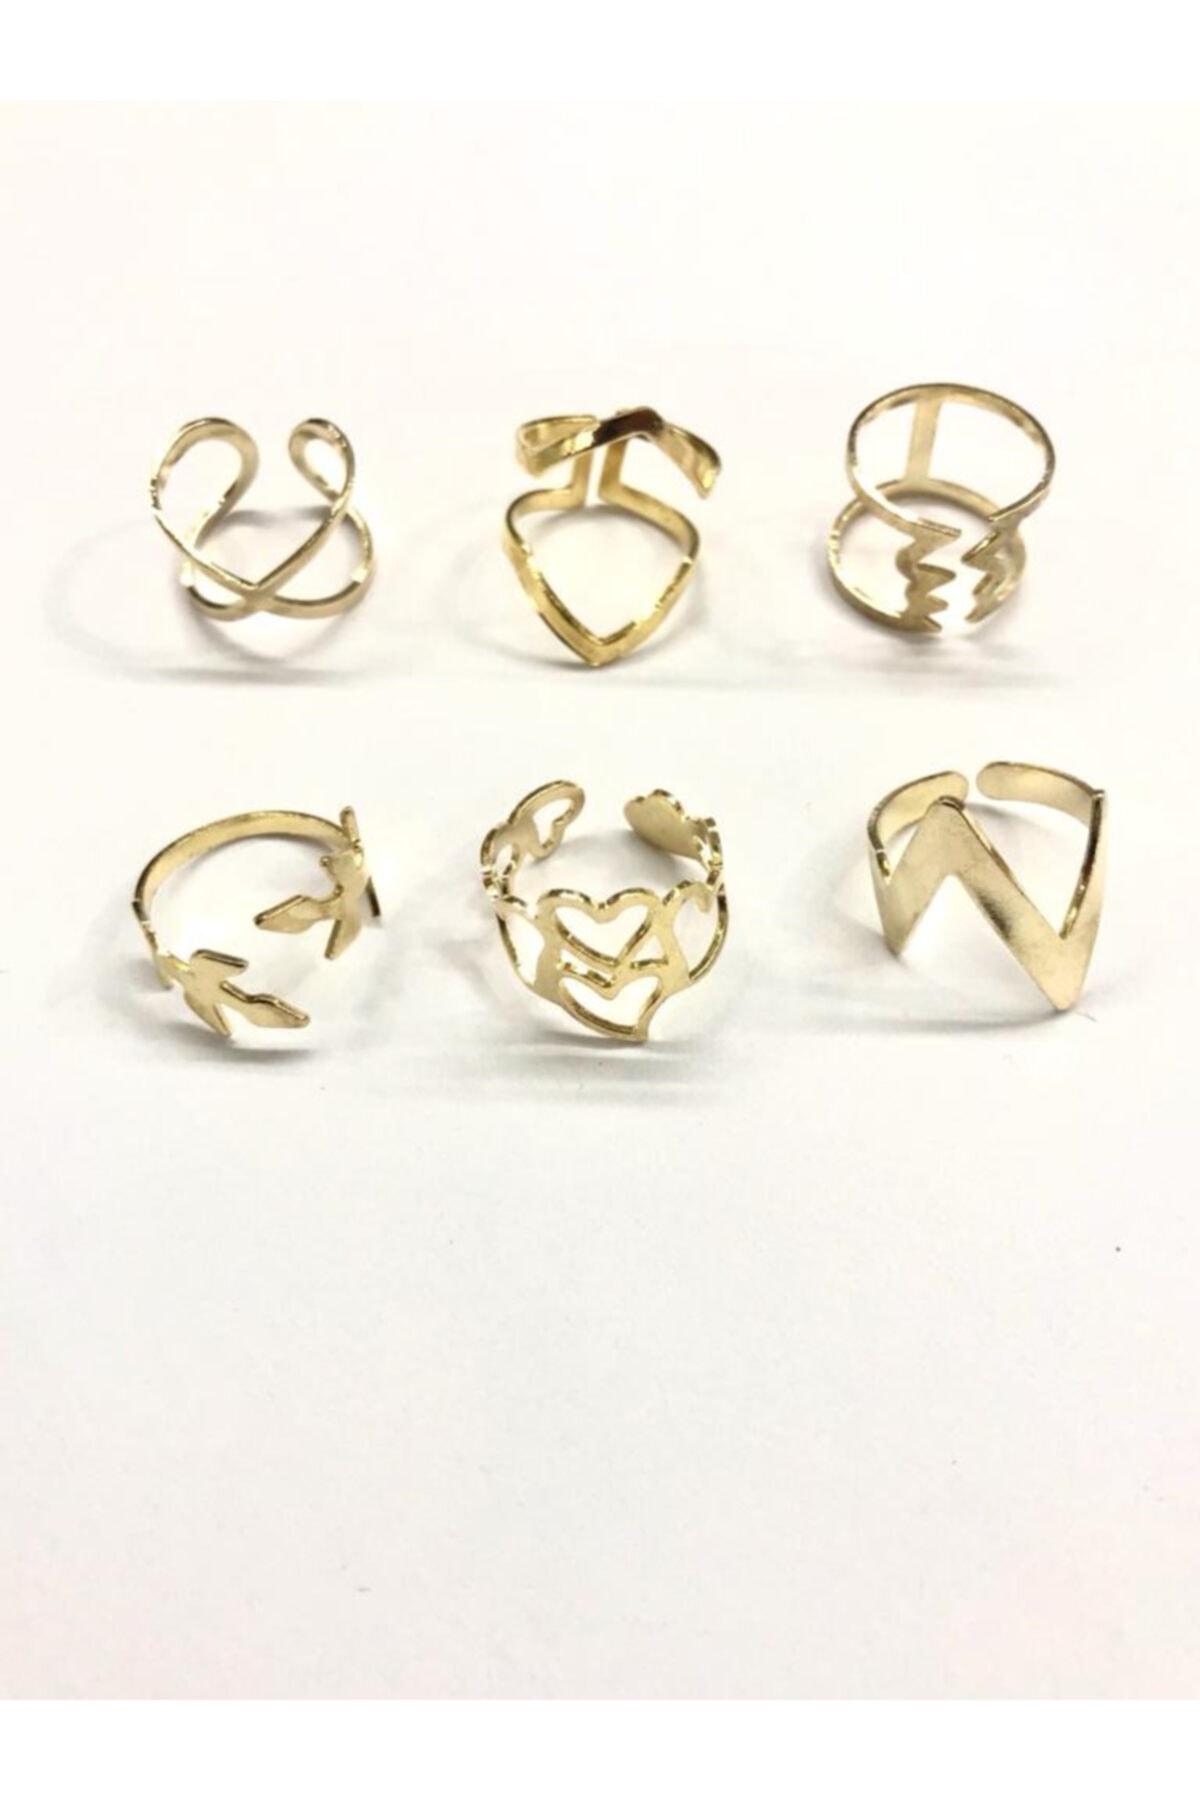 AKTUEL 6 Adet Sarı Renk Eklem Yüzüğü 1